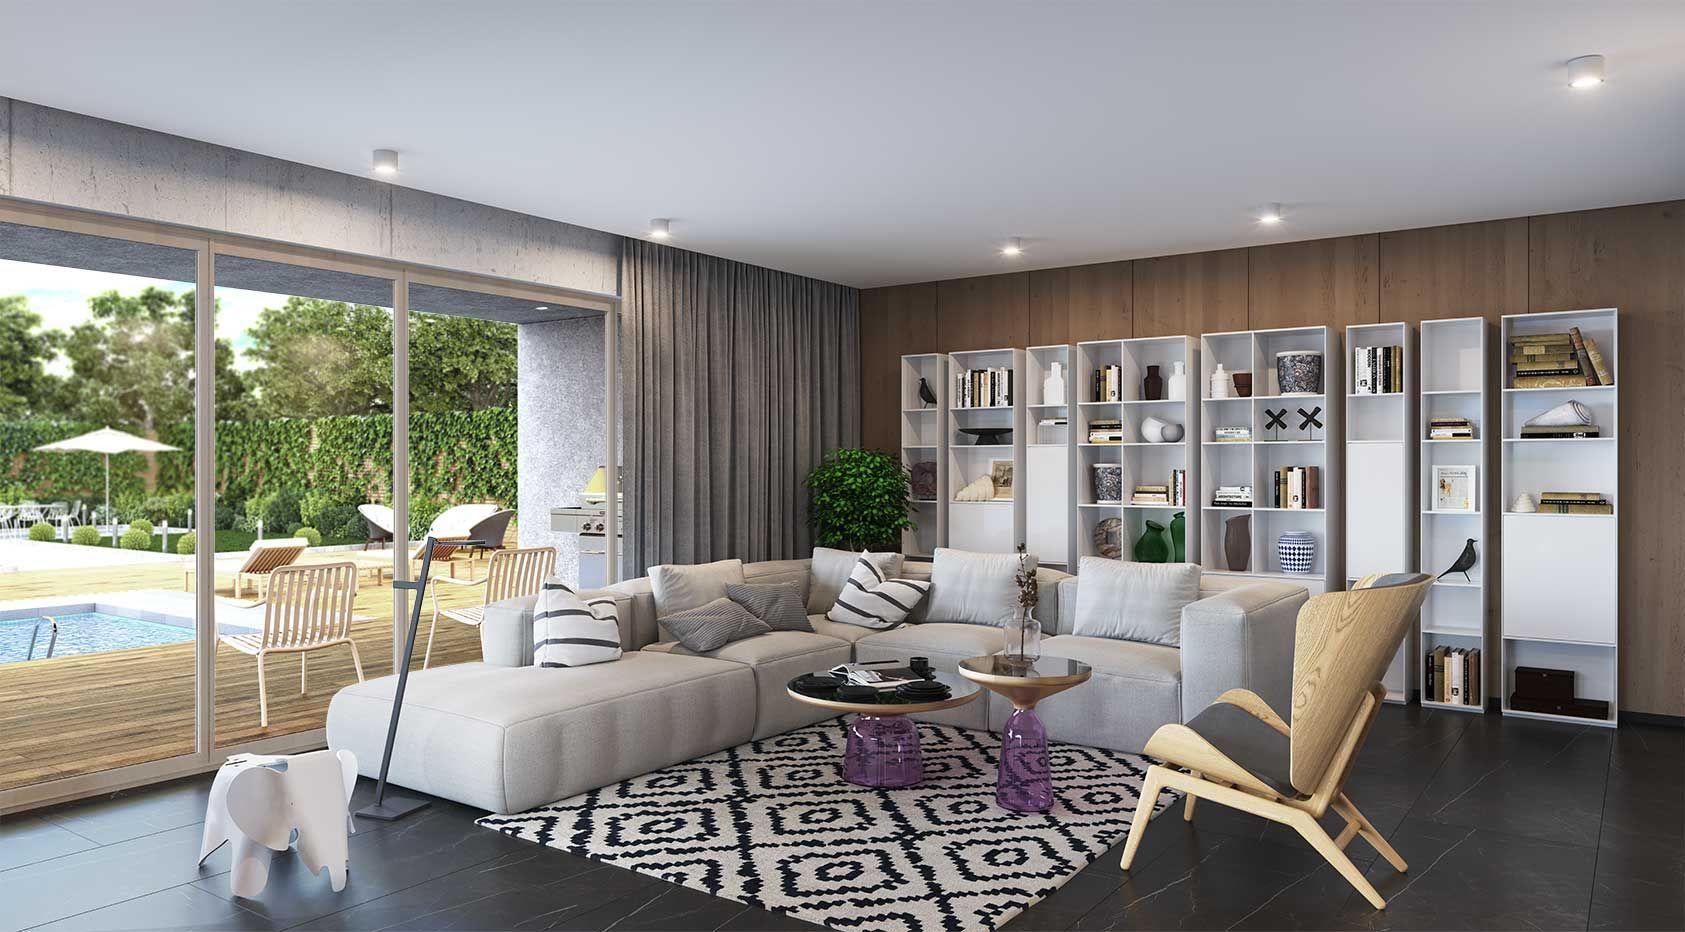 Das Wohnzimmer – Ideen und Beispiele für Ihre Einrichtung